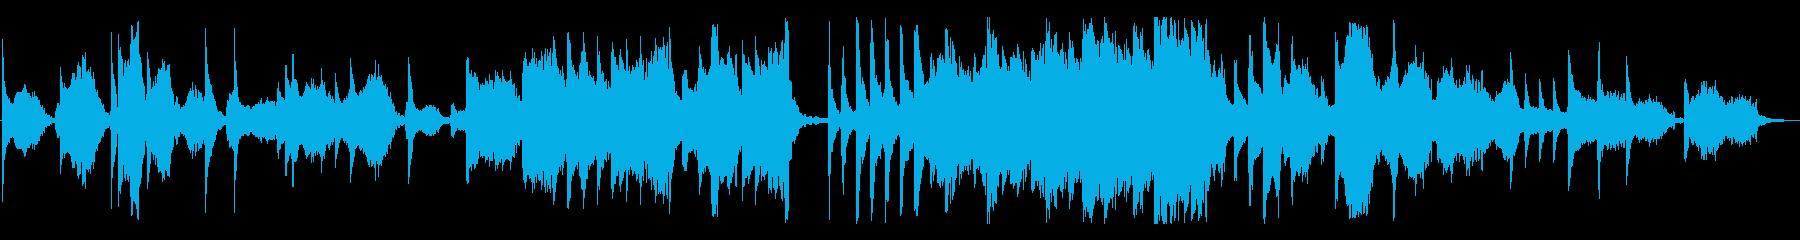 弦楽+ピアノのスローな鎮魂歌の再生済みの波形